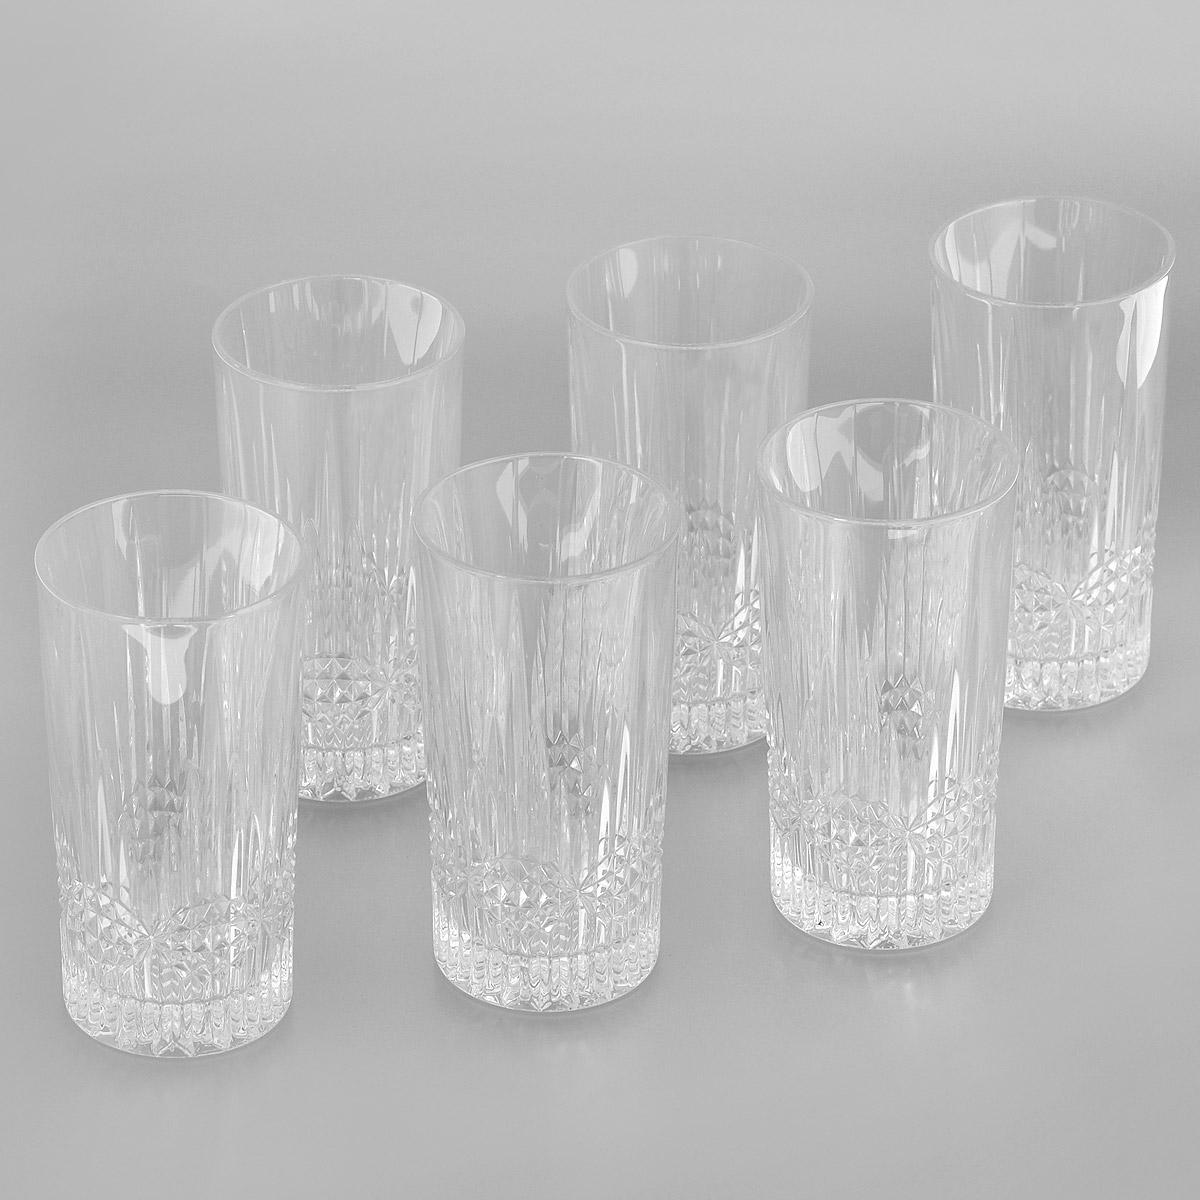 Набор стаканов для воды Crystal Bohemia Vibes, 300 мл, 6 штVT-1520(SR)Набор для воды Crystal Bohemia Vibes состоит из шести стаканов. Изделия выполнены из прочного высококачественного хрусталя и декорированы рельефом. Они излучают приятный блеск и издают мелодичный звон. Набор предназначен для подачи воды. Набор для воды Crystal Bohemia Vibes прекрасно оформит интерьер кабинета или гостиной и станет отличным дополнением бара. Такой набор также станет хорошим подарком к любому случаю. Диаметр по верхнему краю: 7 см.Высота стакана: 14 см.Диаметр основания: 6,3 см.